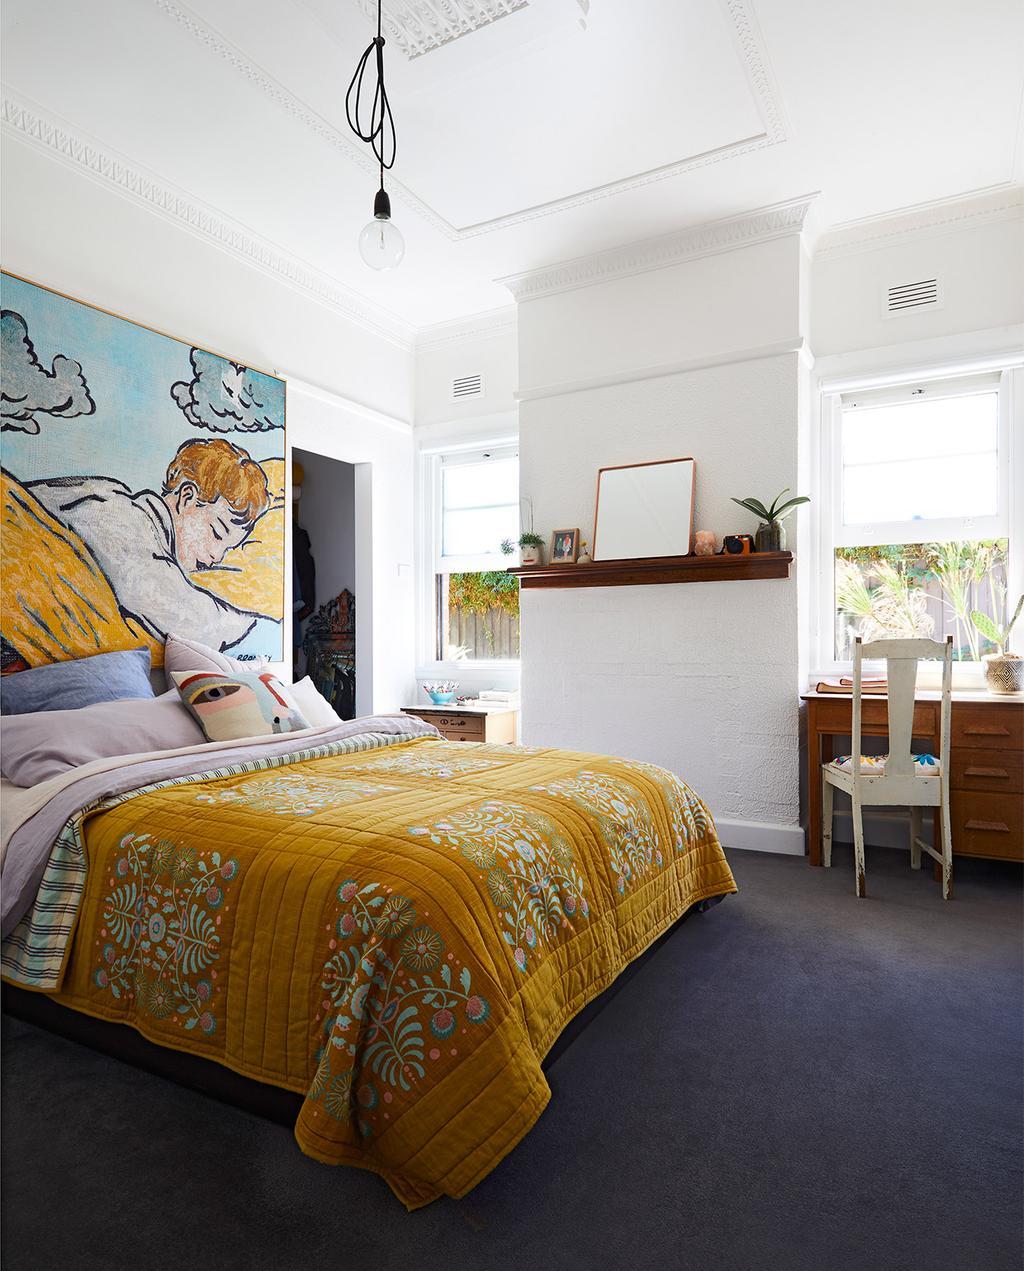 vtwonen binnenkijk special zomerhuizen 07-2021 | geel dekbedovertrek in de master bedroom van de slaapkamer